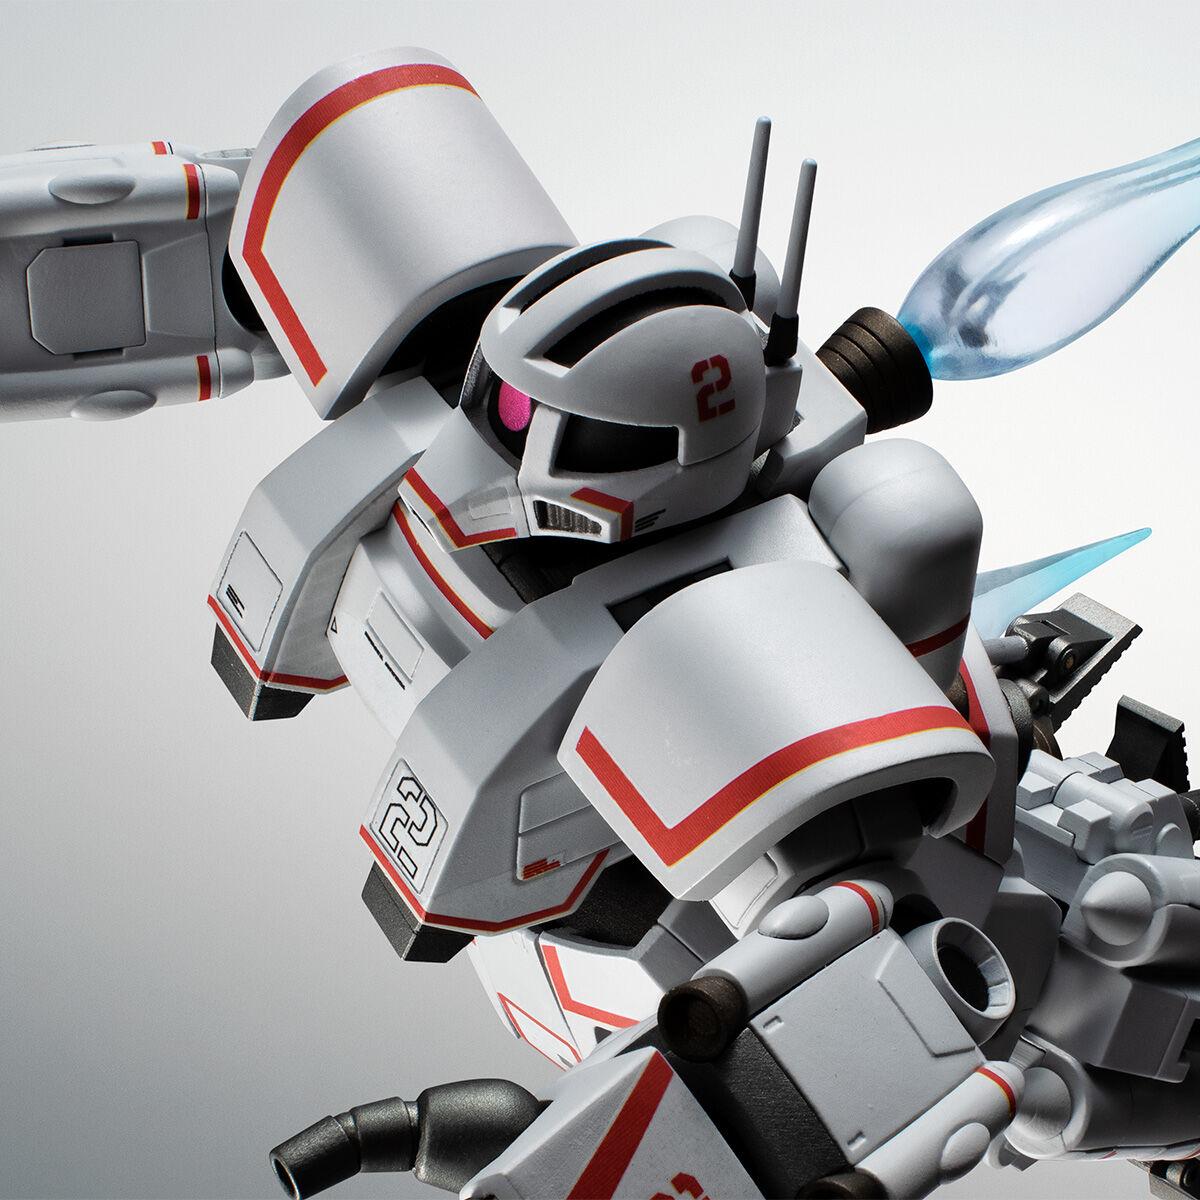 【限定販売】ROBOT魂〈SIDE MS〉『MSN-01 高速機動型ザク ver. A.N.I.M.E.』ガンダムMSV 可動フィギュア-001